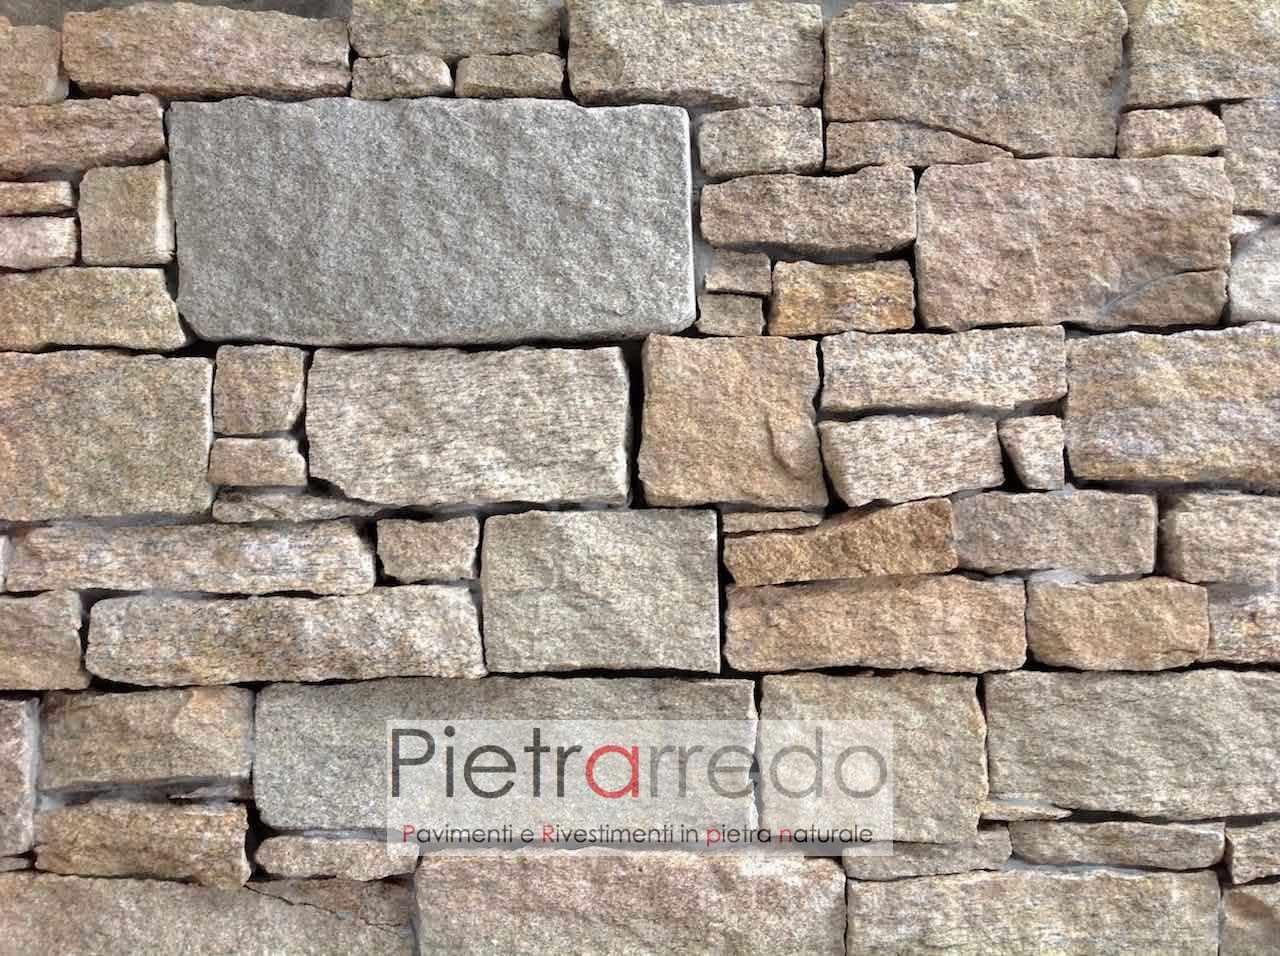 rivestimento pietra granito beige 50 pietrarredo offerta 87 mq. Black Bedroom Furniture Sets. Home Design Ideas